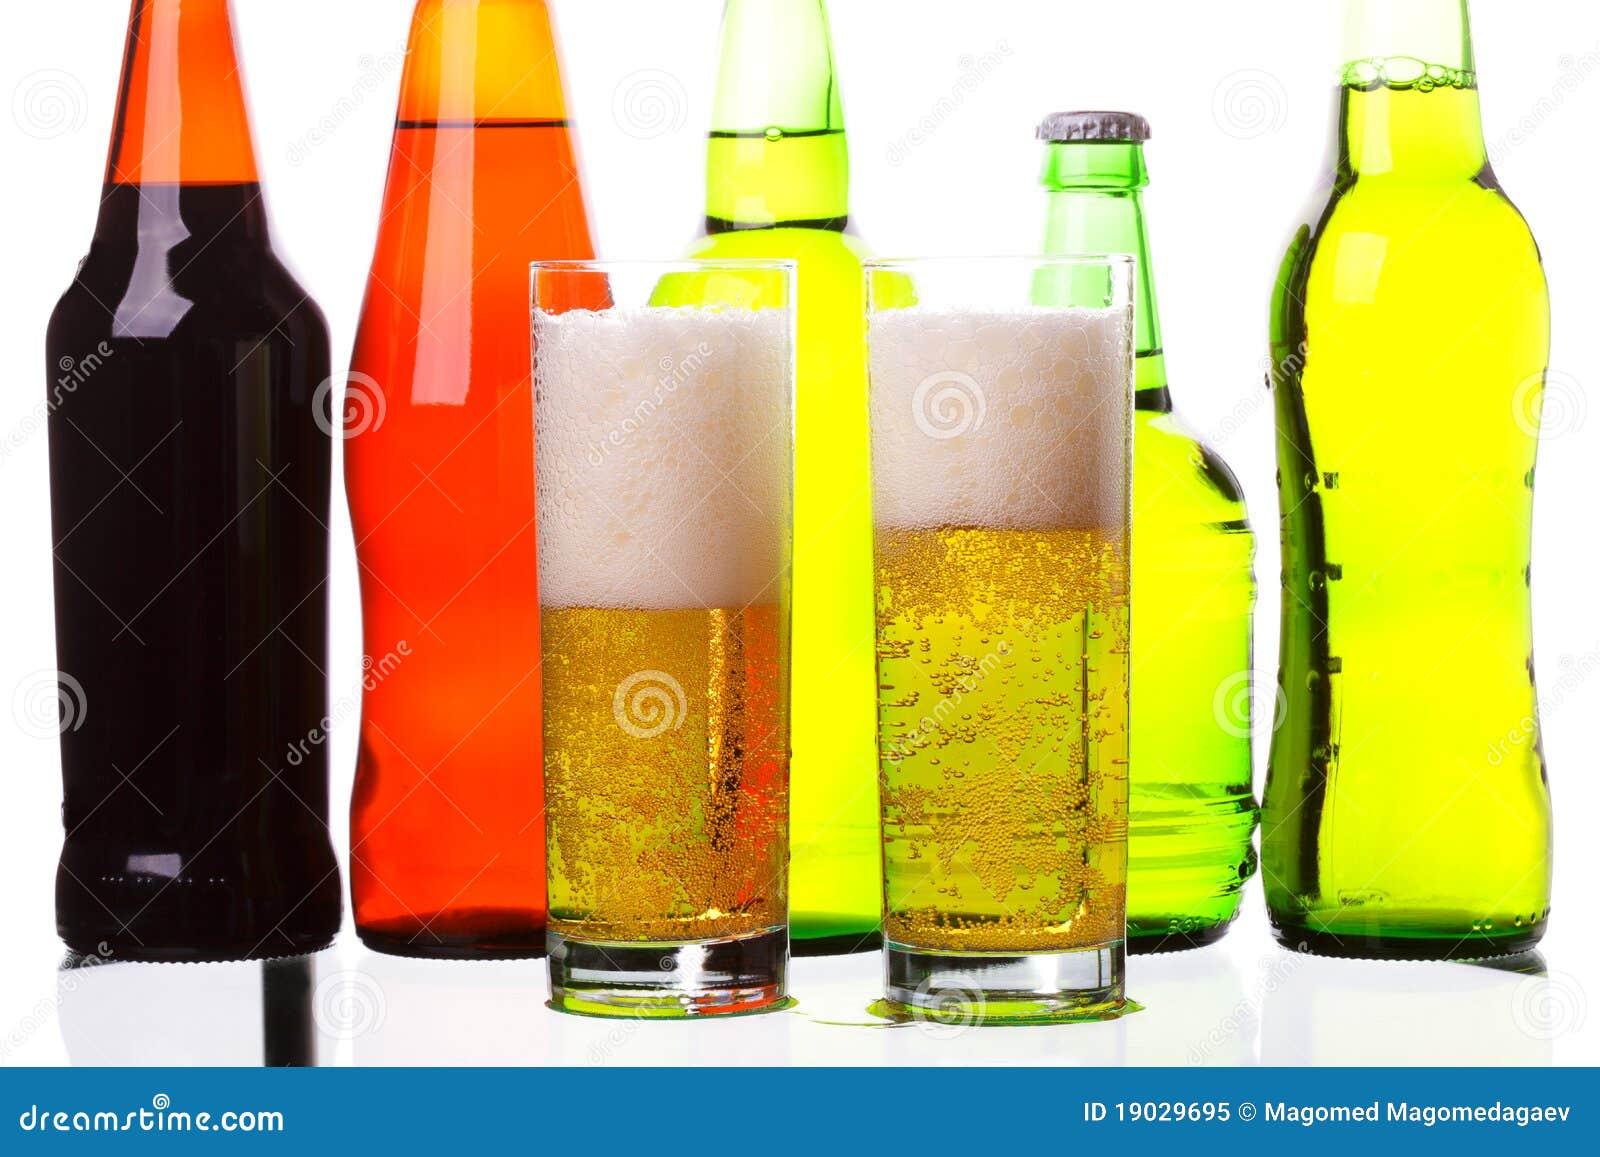 Beer glasses against bottles